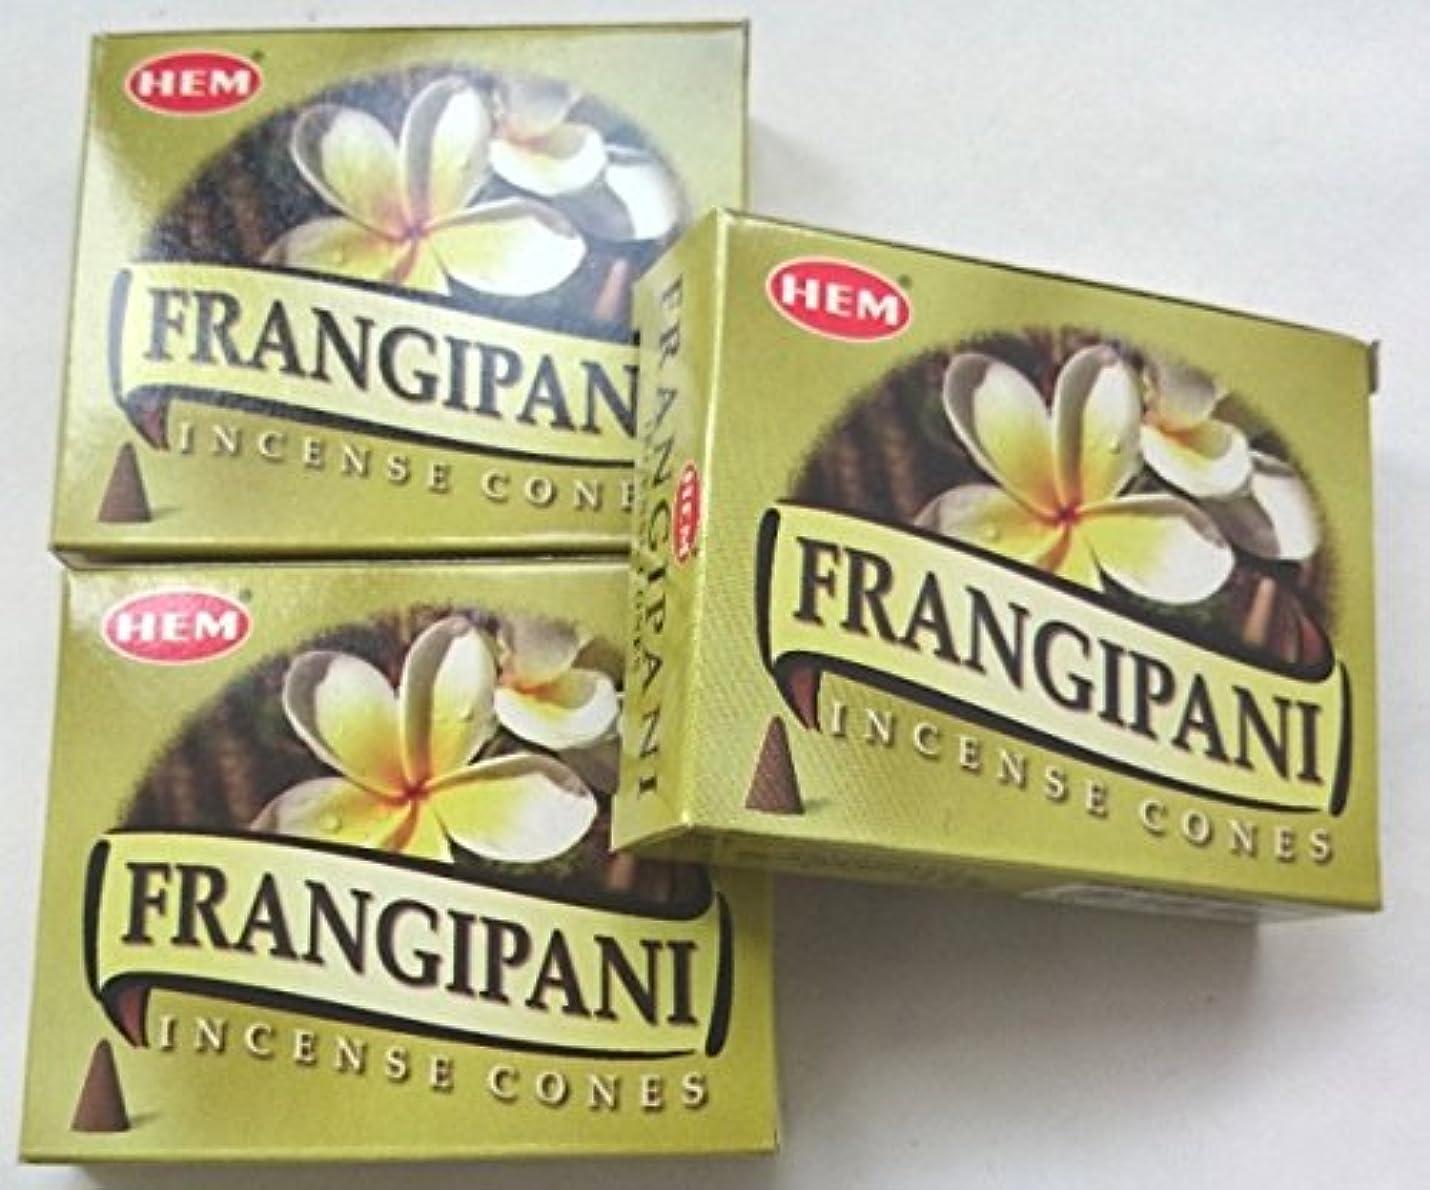 苗収容するベギンHEM(ヘム)お香 フランジパニ コーン 3個セット